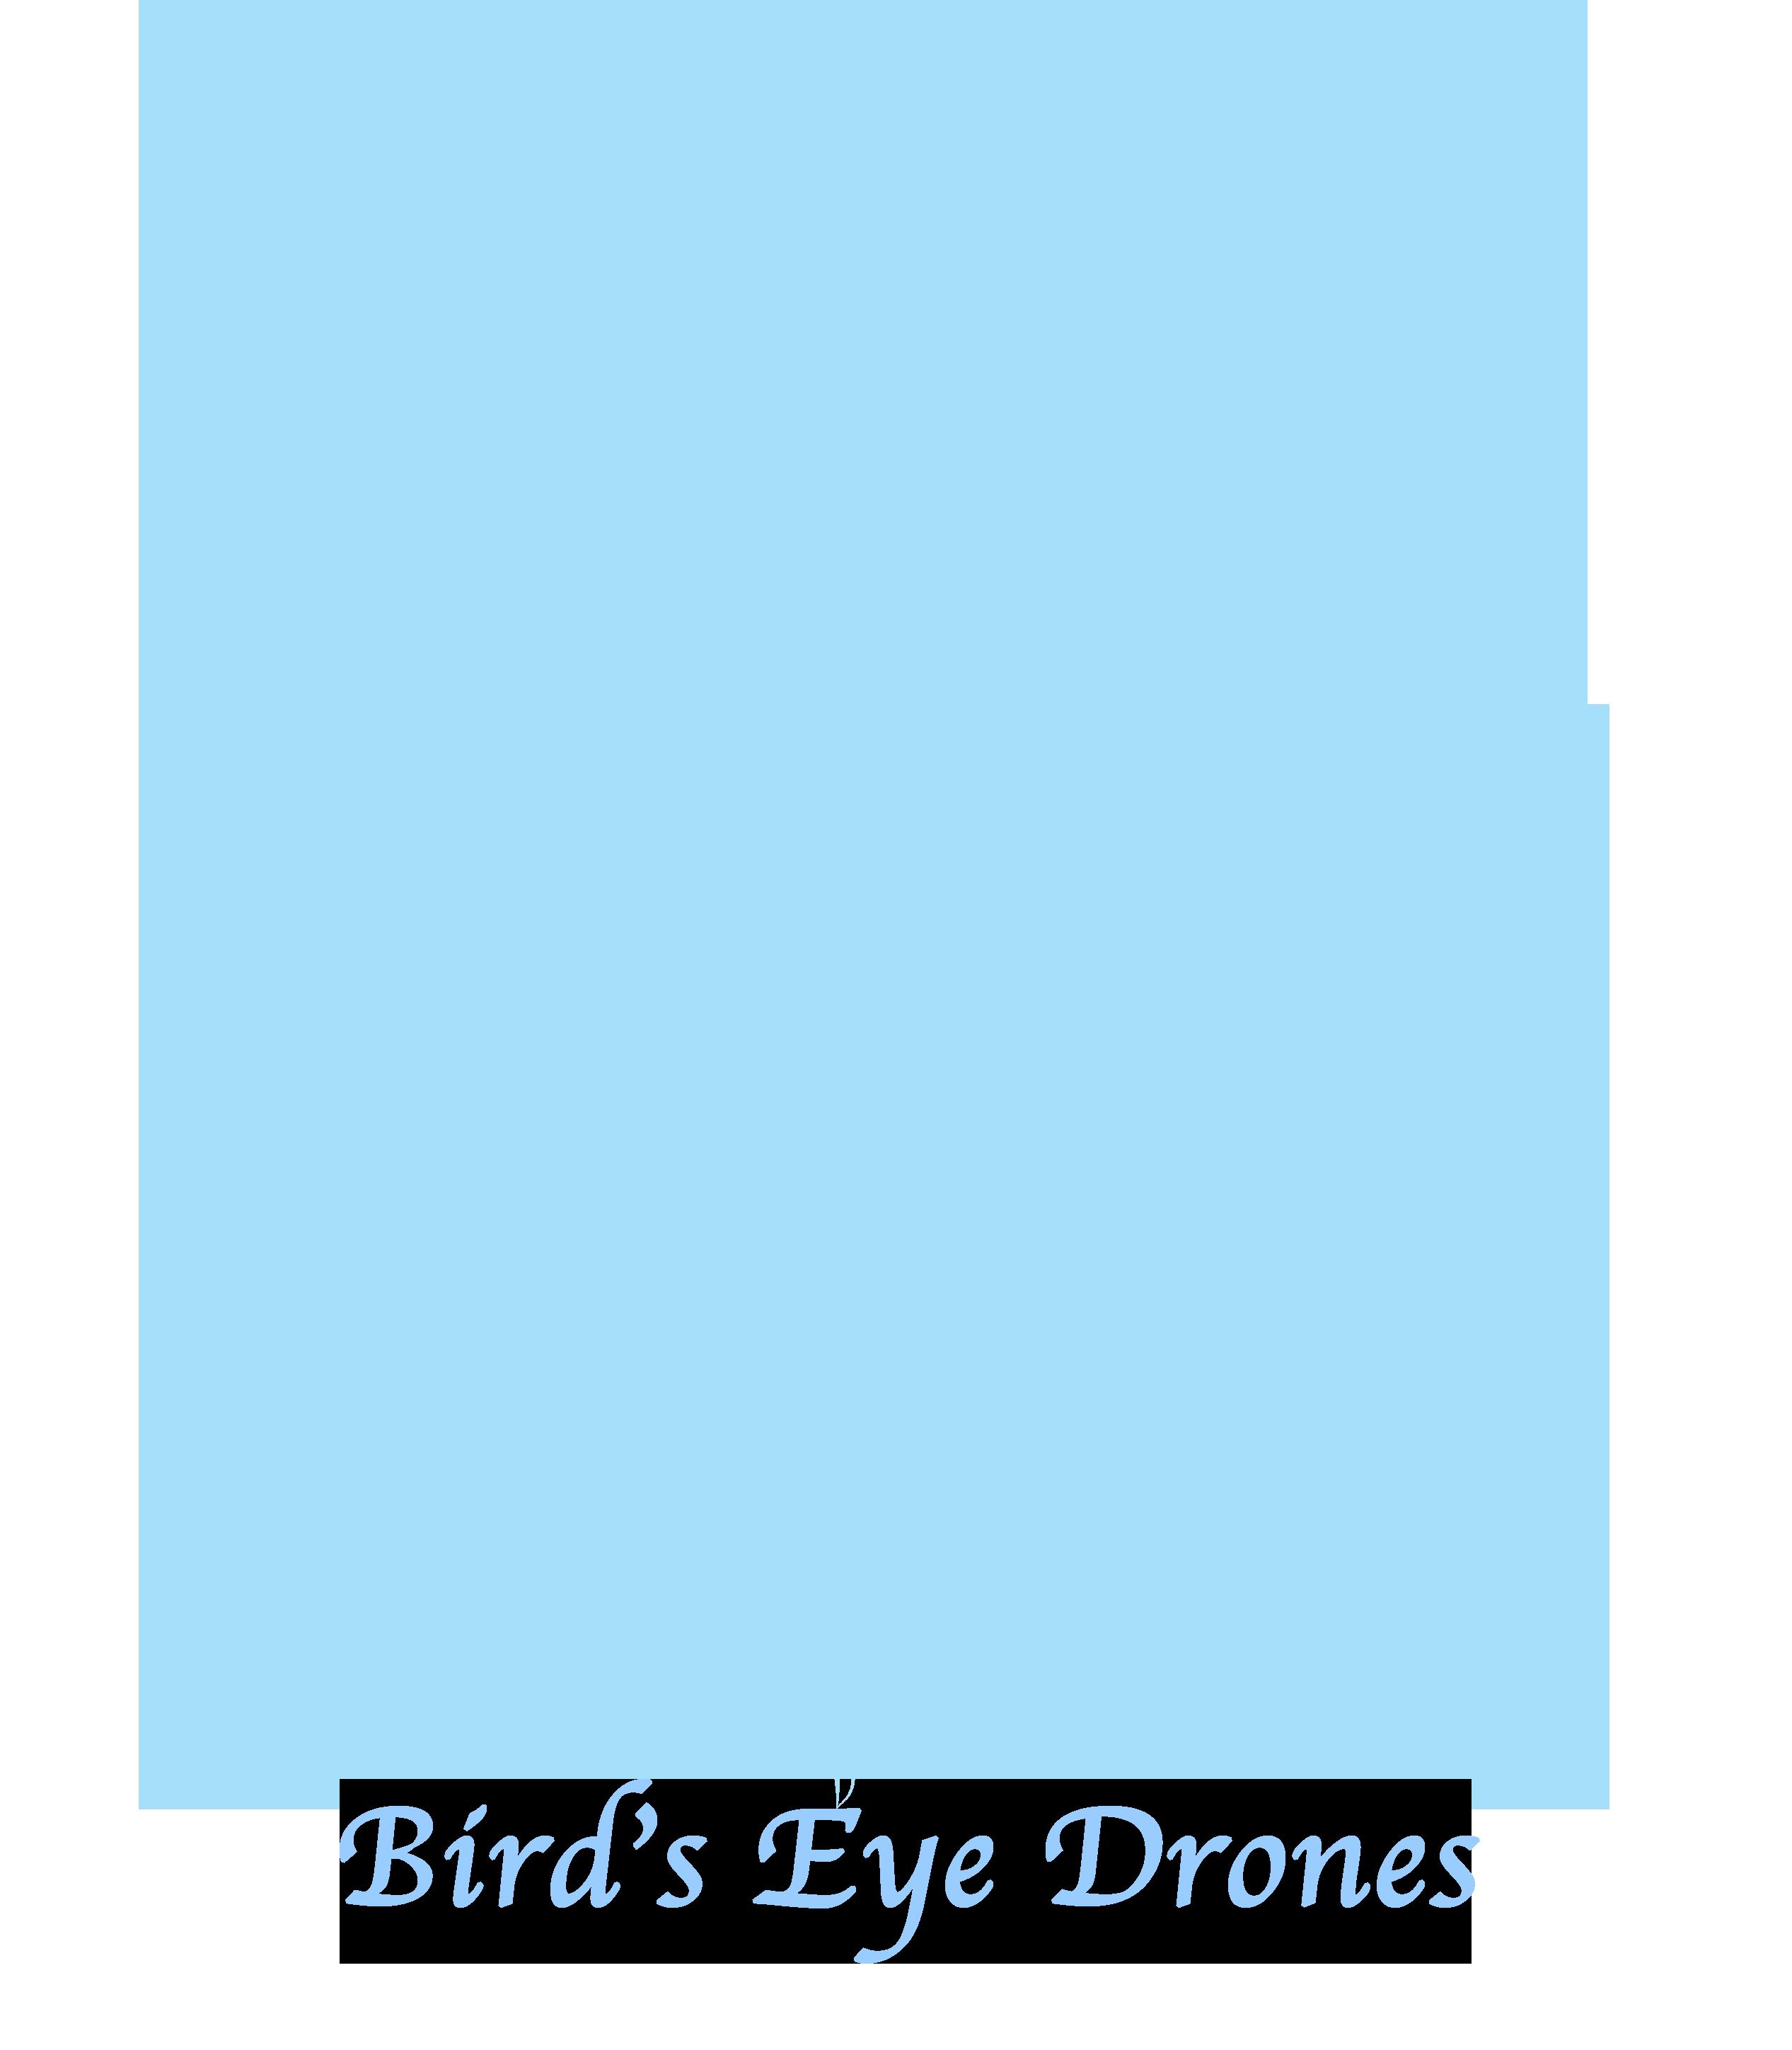 Bird's Eye Drones Ltd